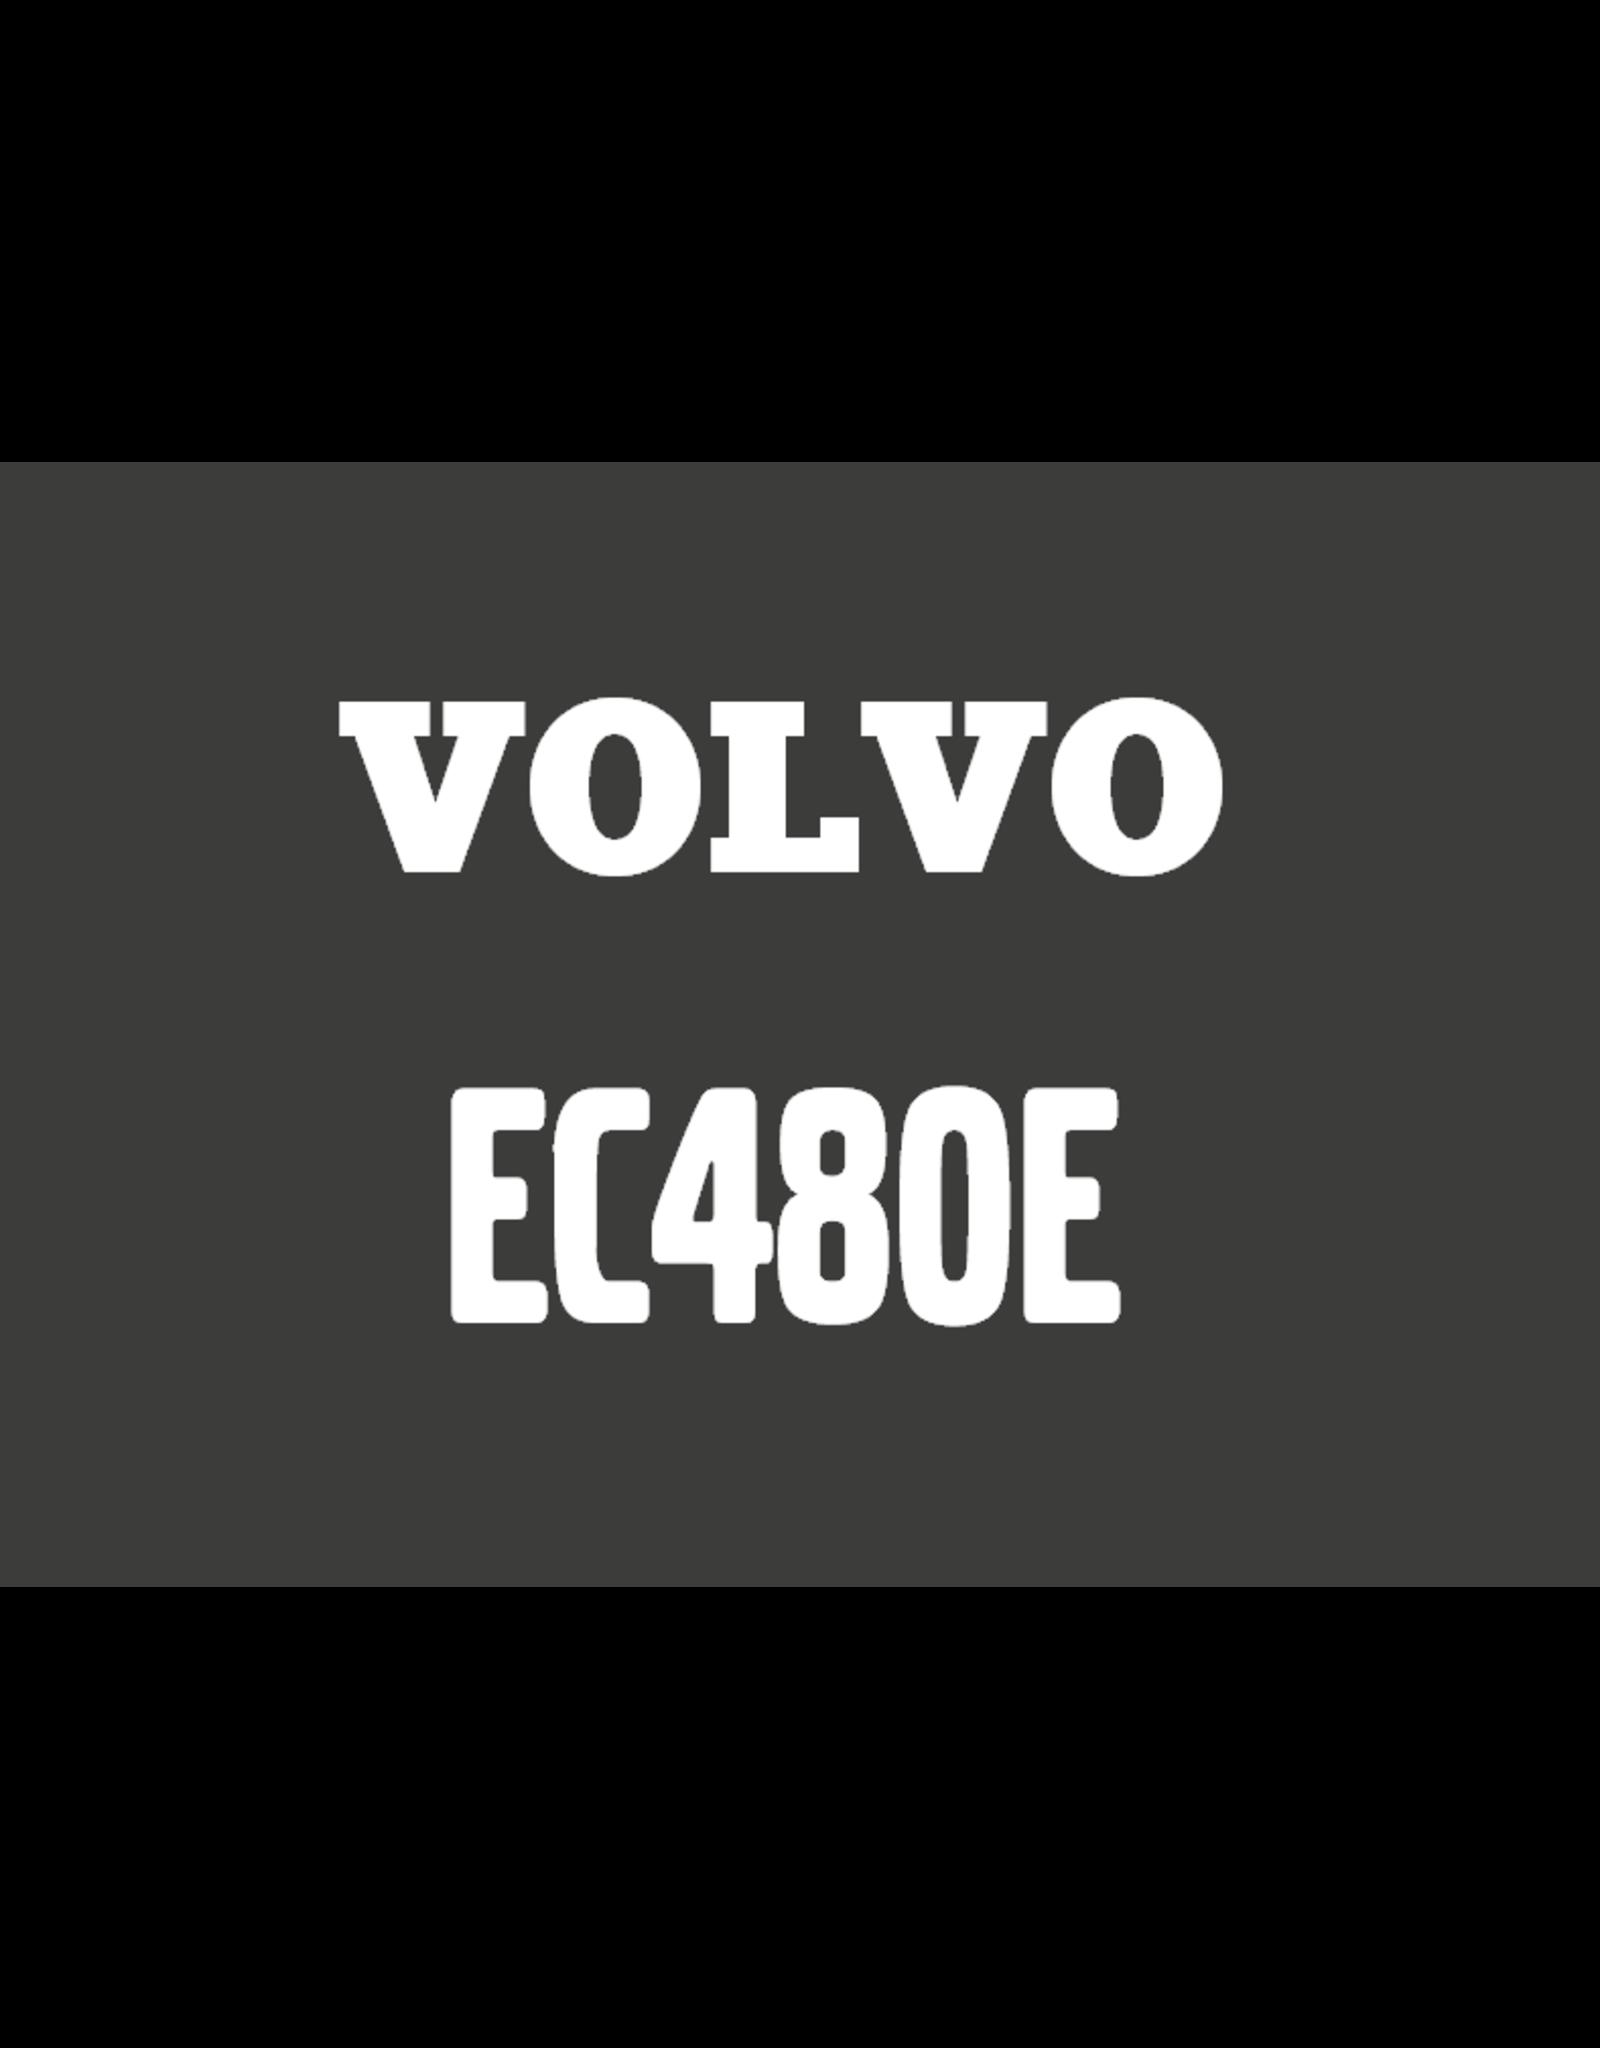 Echle Hartstahl GmbH FOPS pour Volvo EC480E